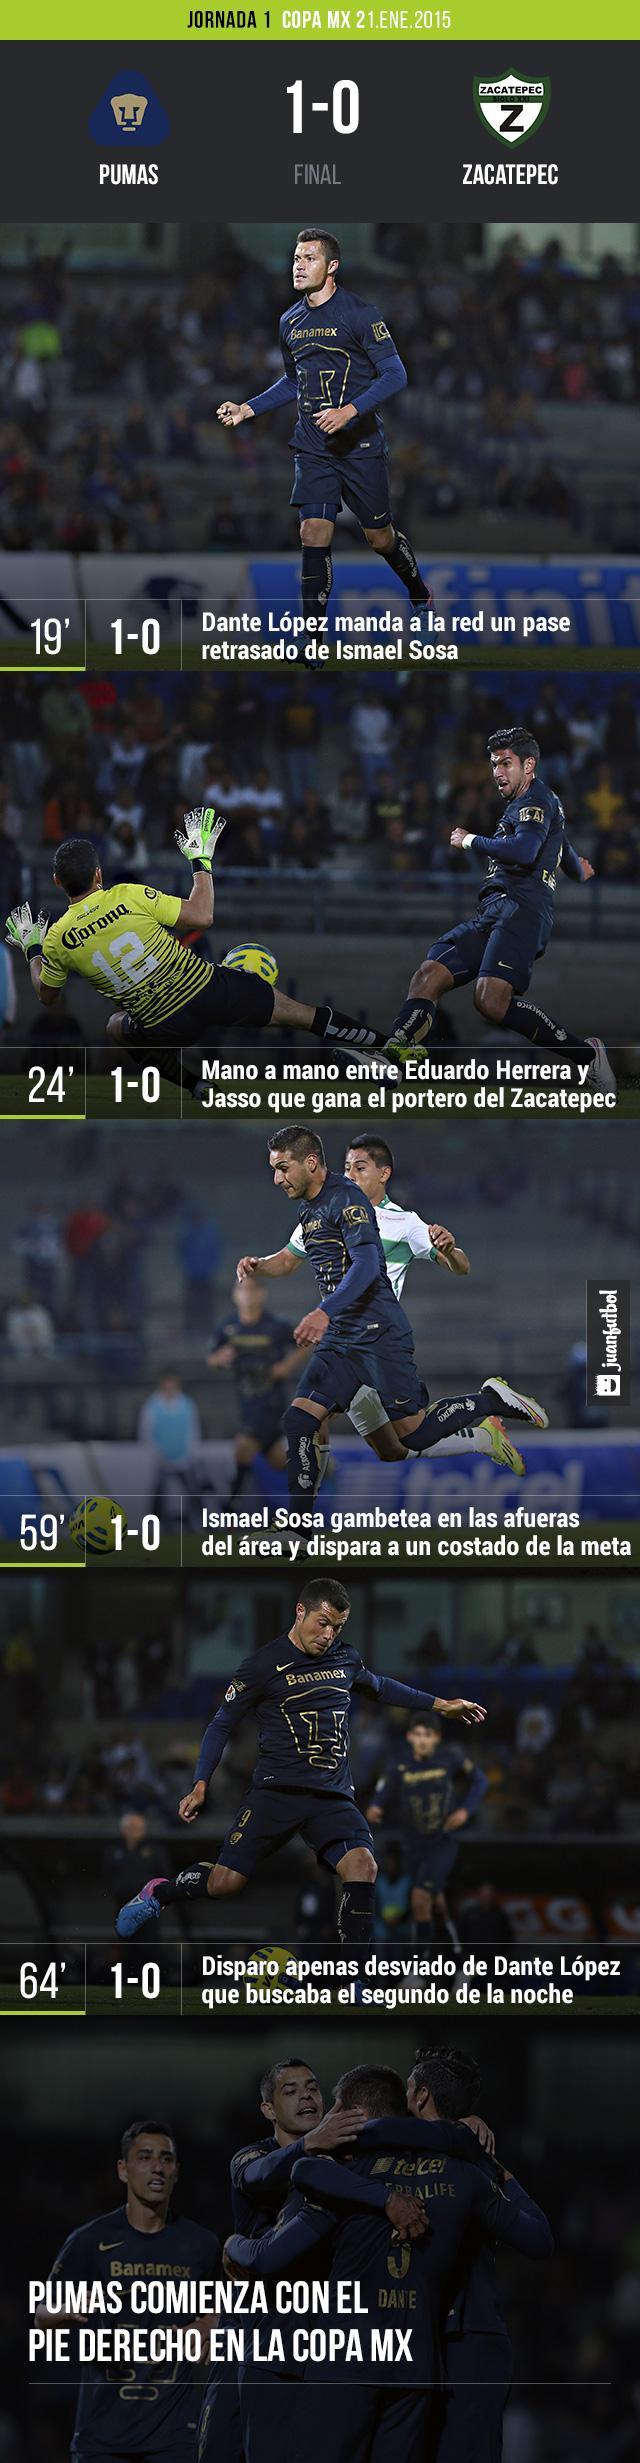 Pumas ganó en la Copa Mx 1-0 al Zacatepec con gol de Dante López